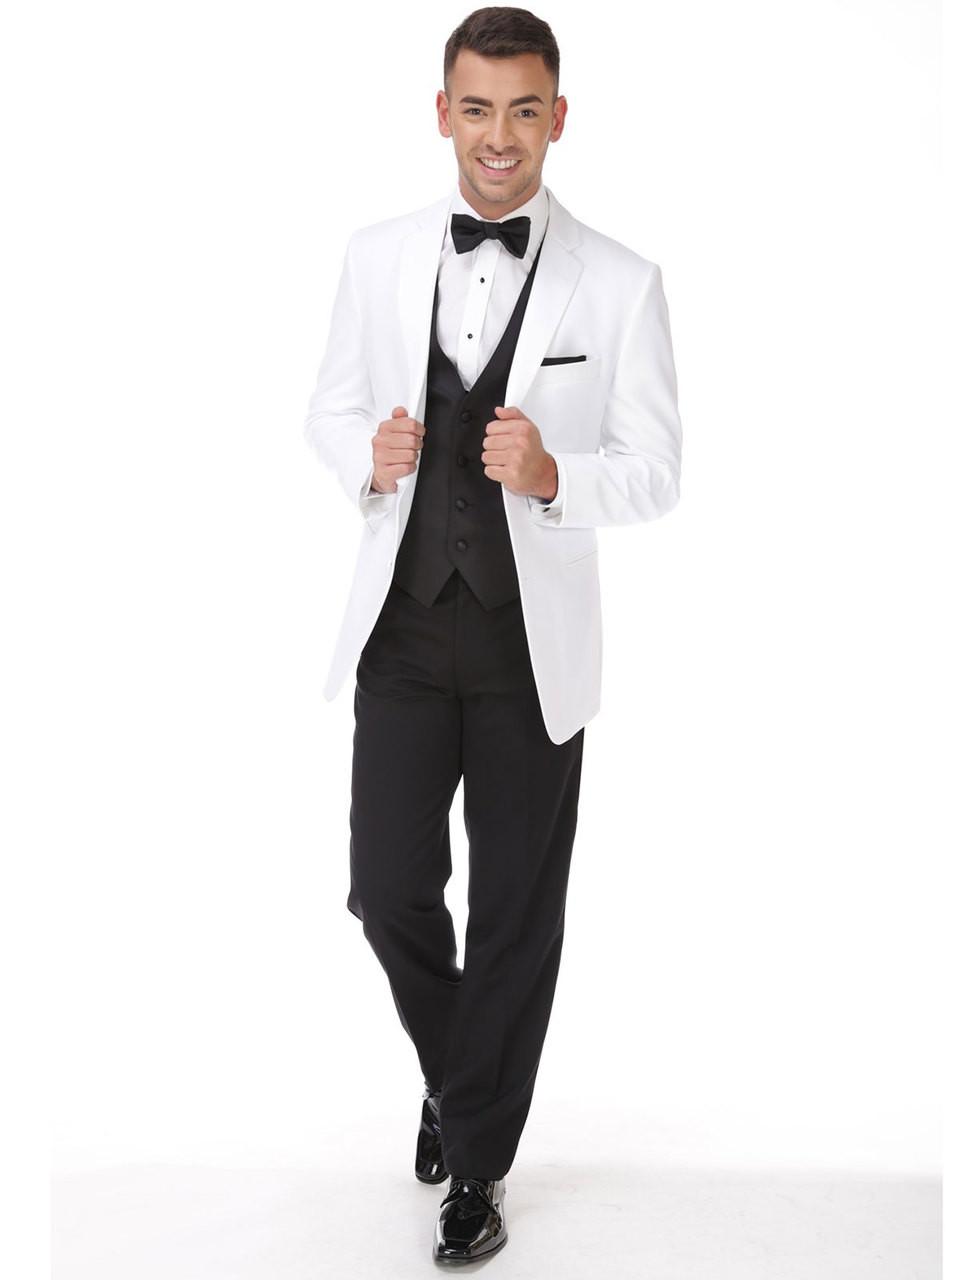 White Tuxedo Two Button Notch | PromHeadquarters.com